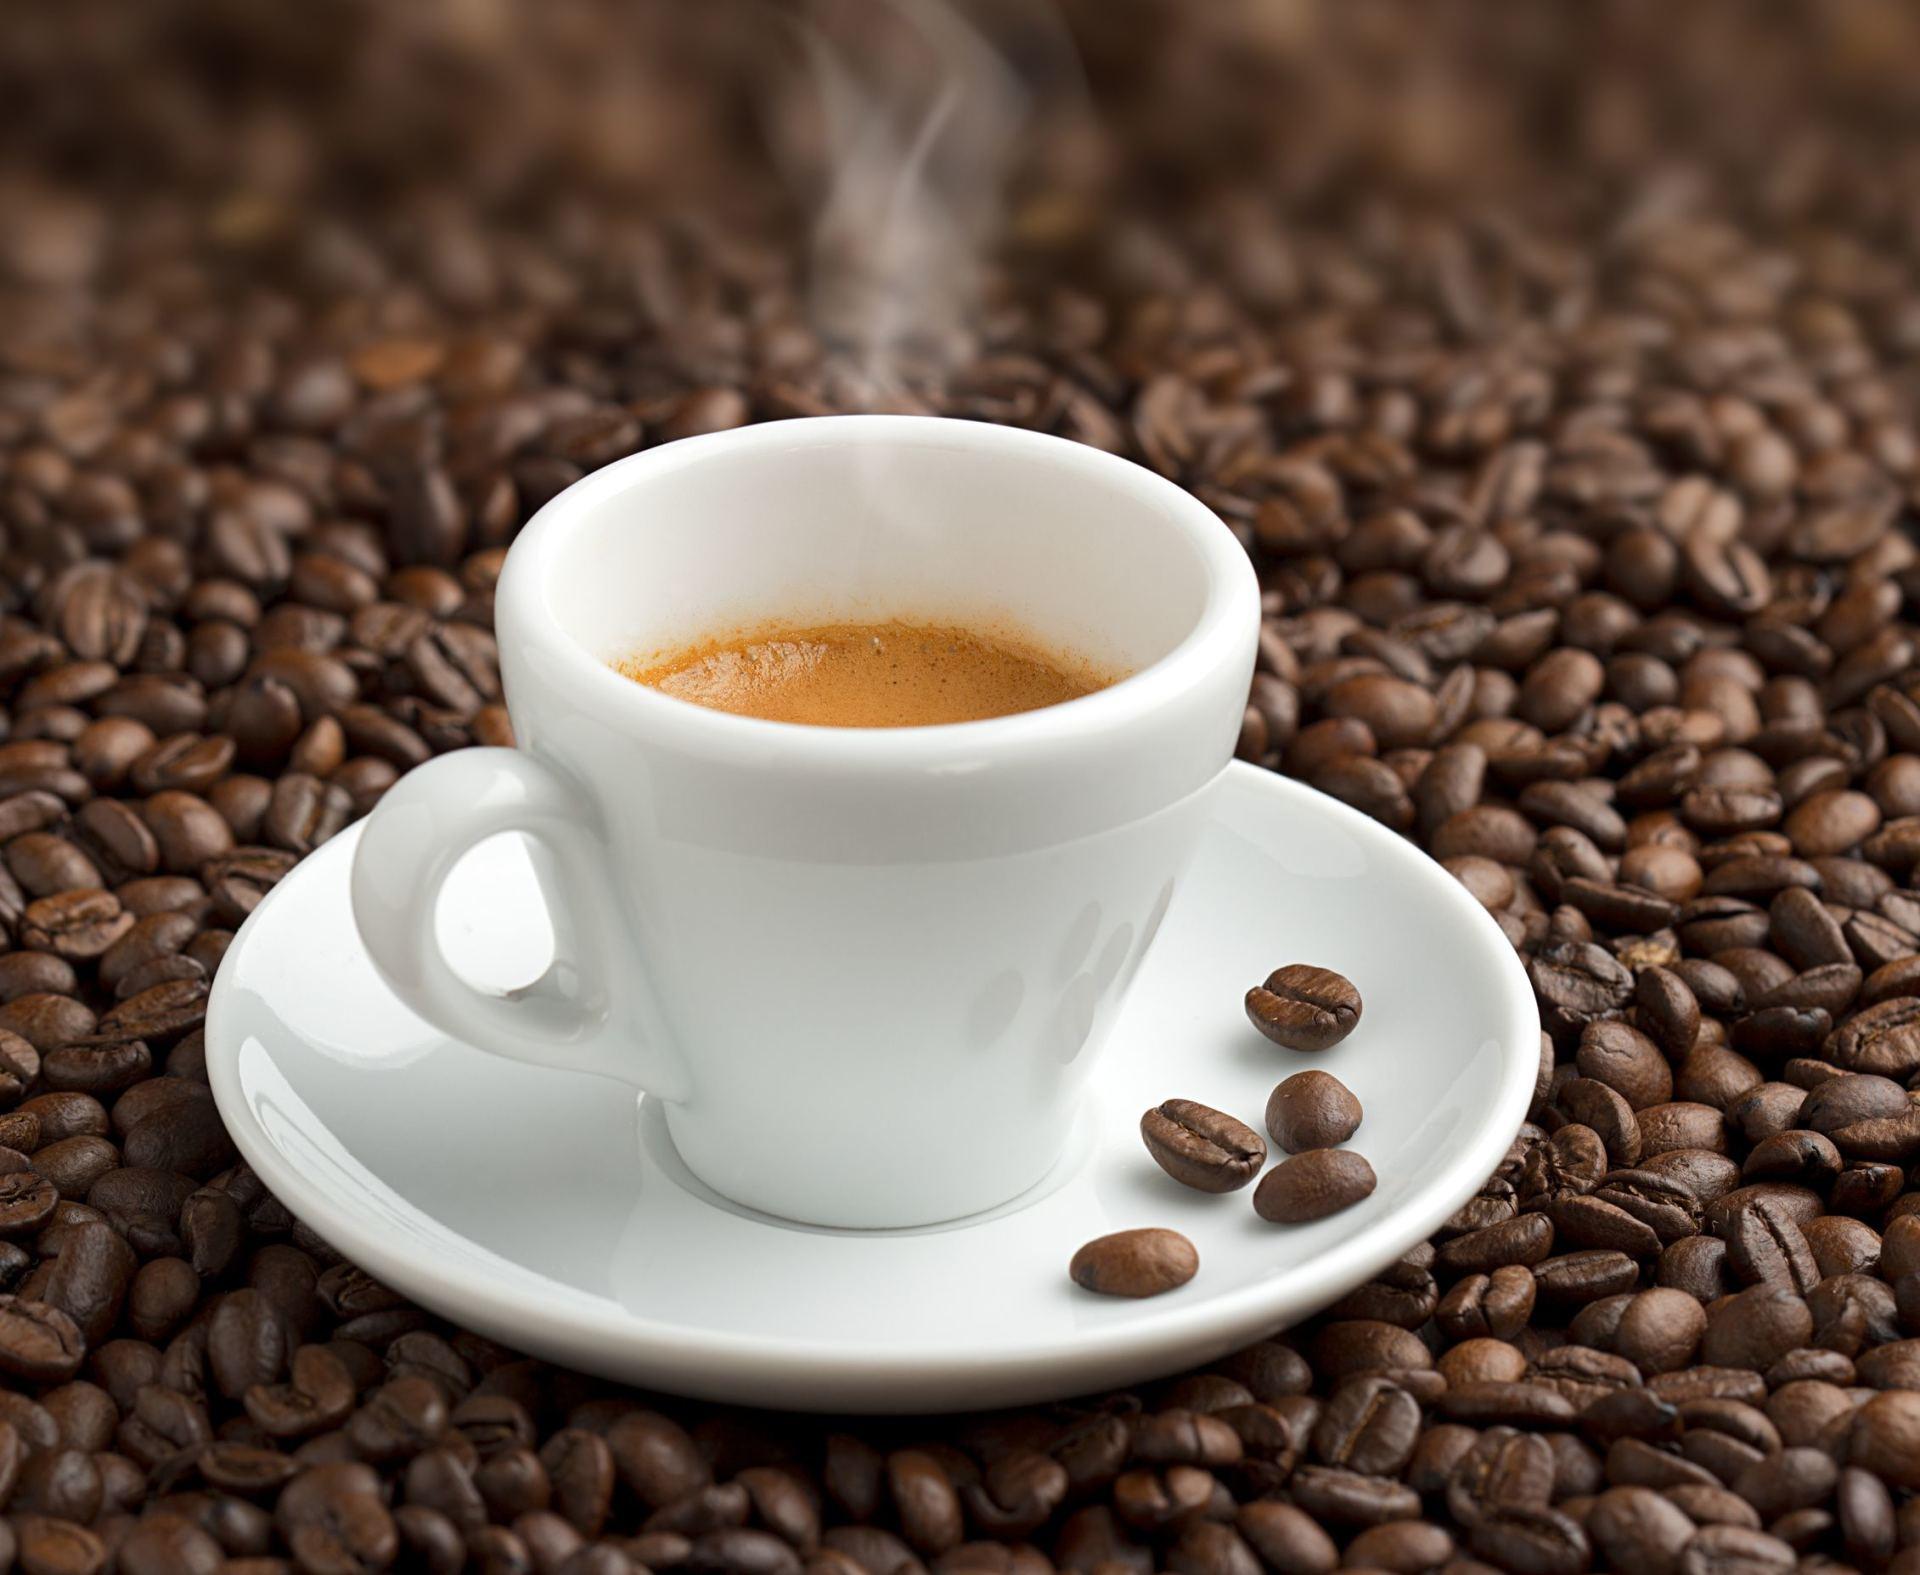 kavos mados lieknėjimo kava